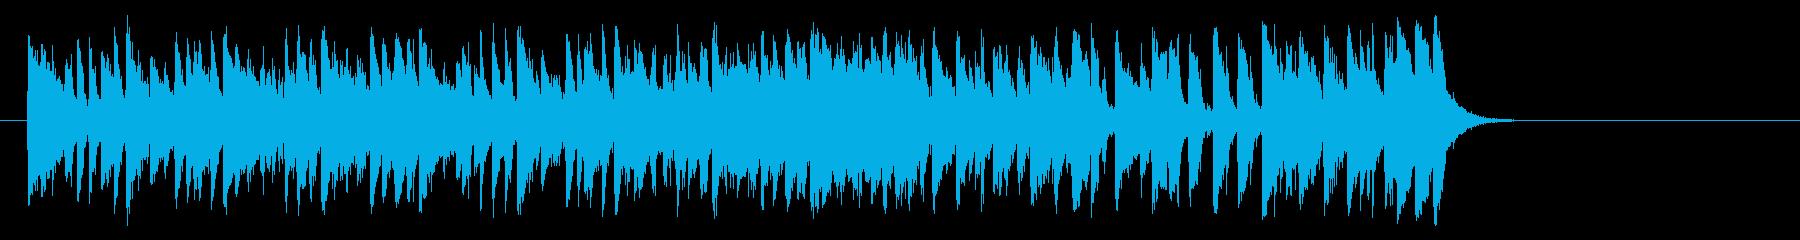 夏のフュージョンポップ(サビ~イントロ)の再生済みの波形